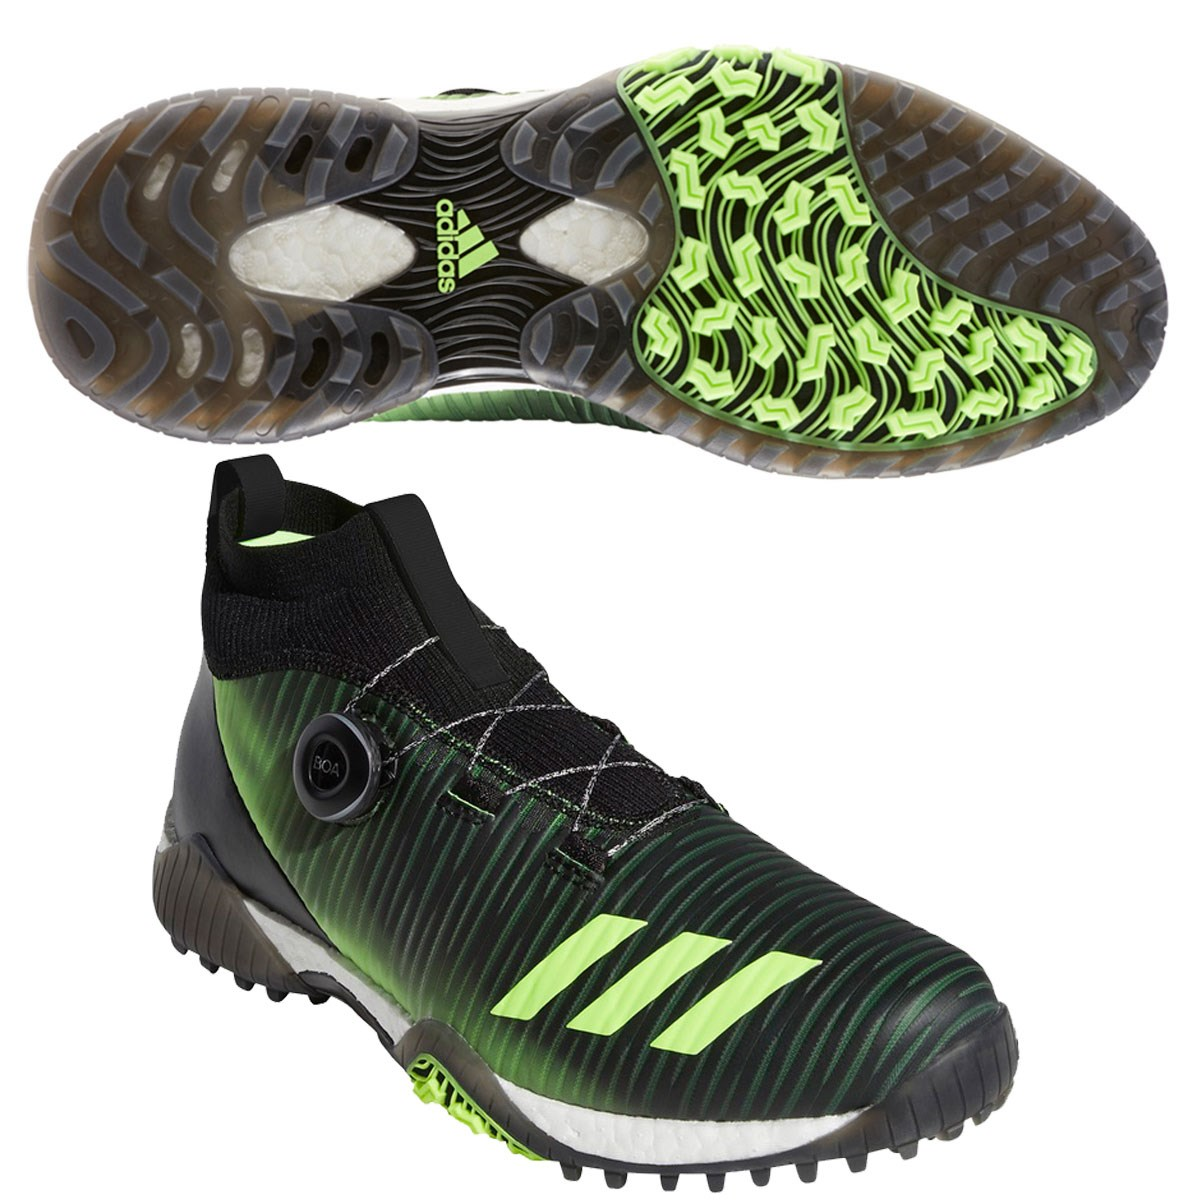 アディダス Adidas コードカオス ボア シューズ 24.5cm コアブラック/シグナルグリーン/ホワイト